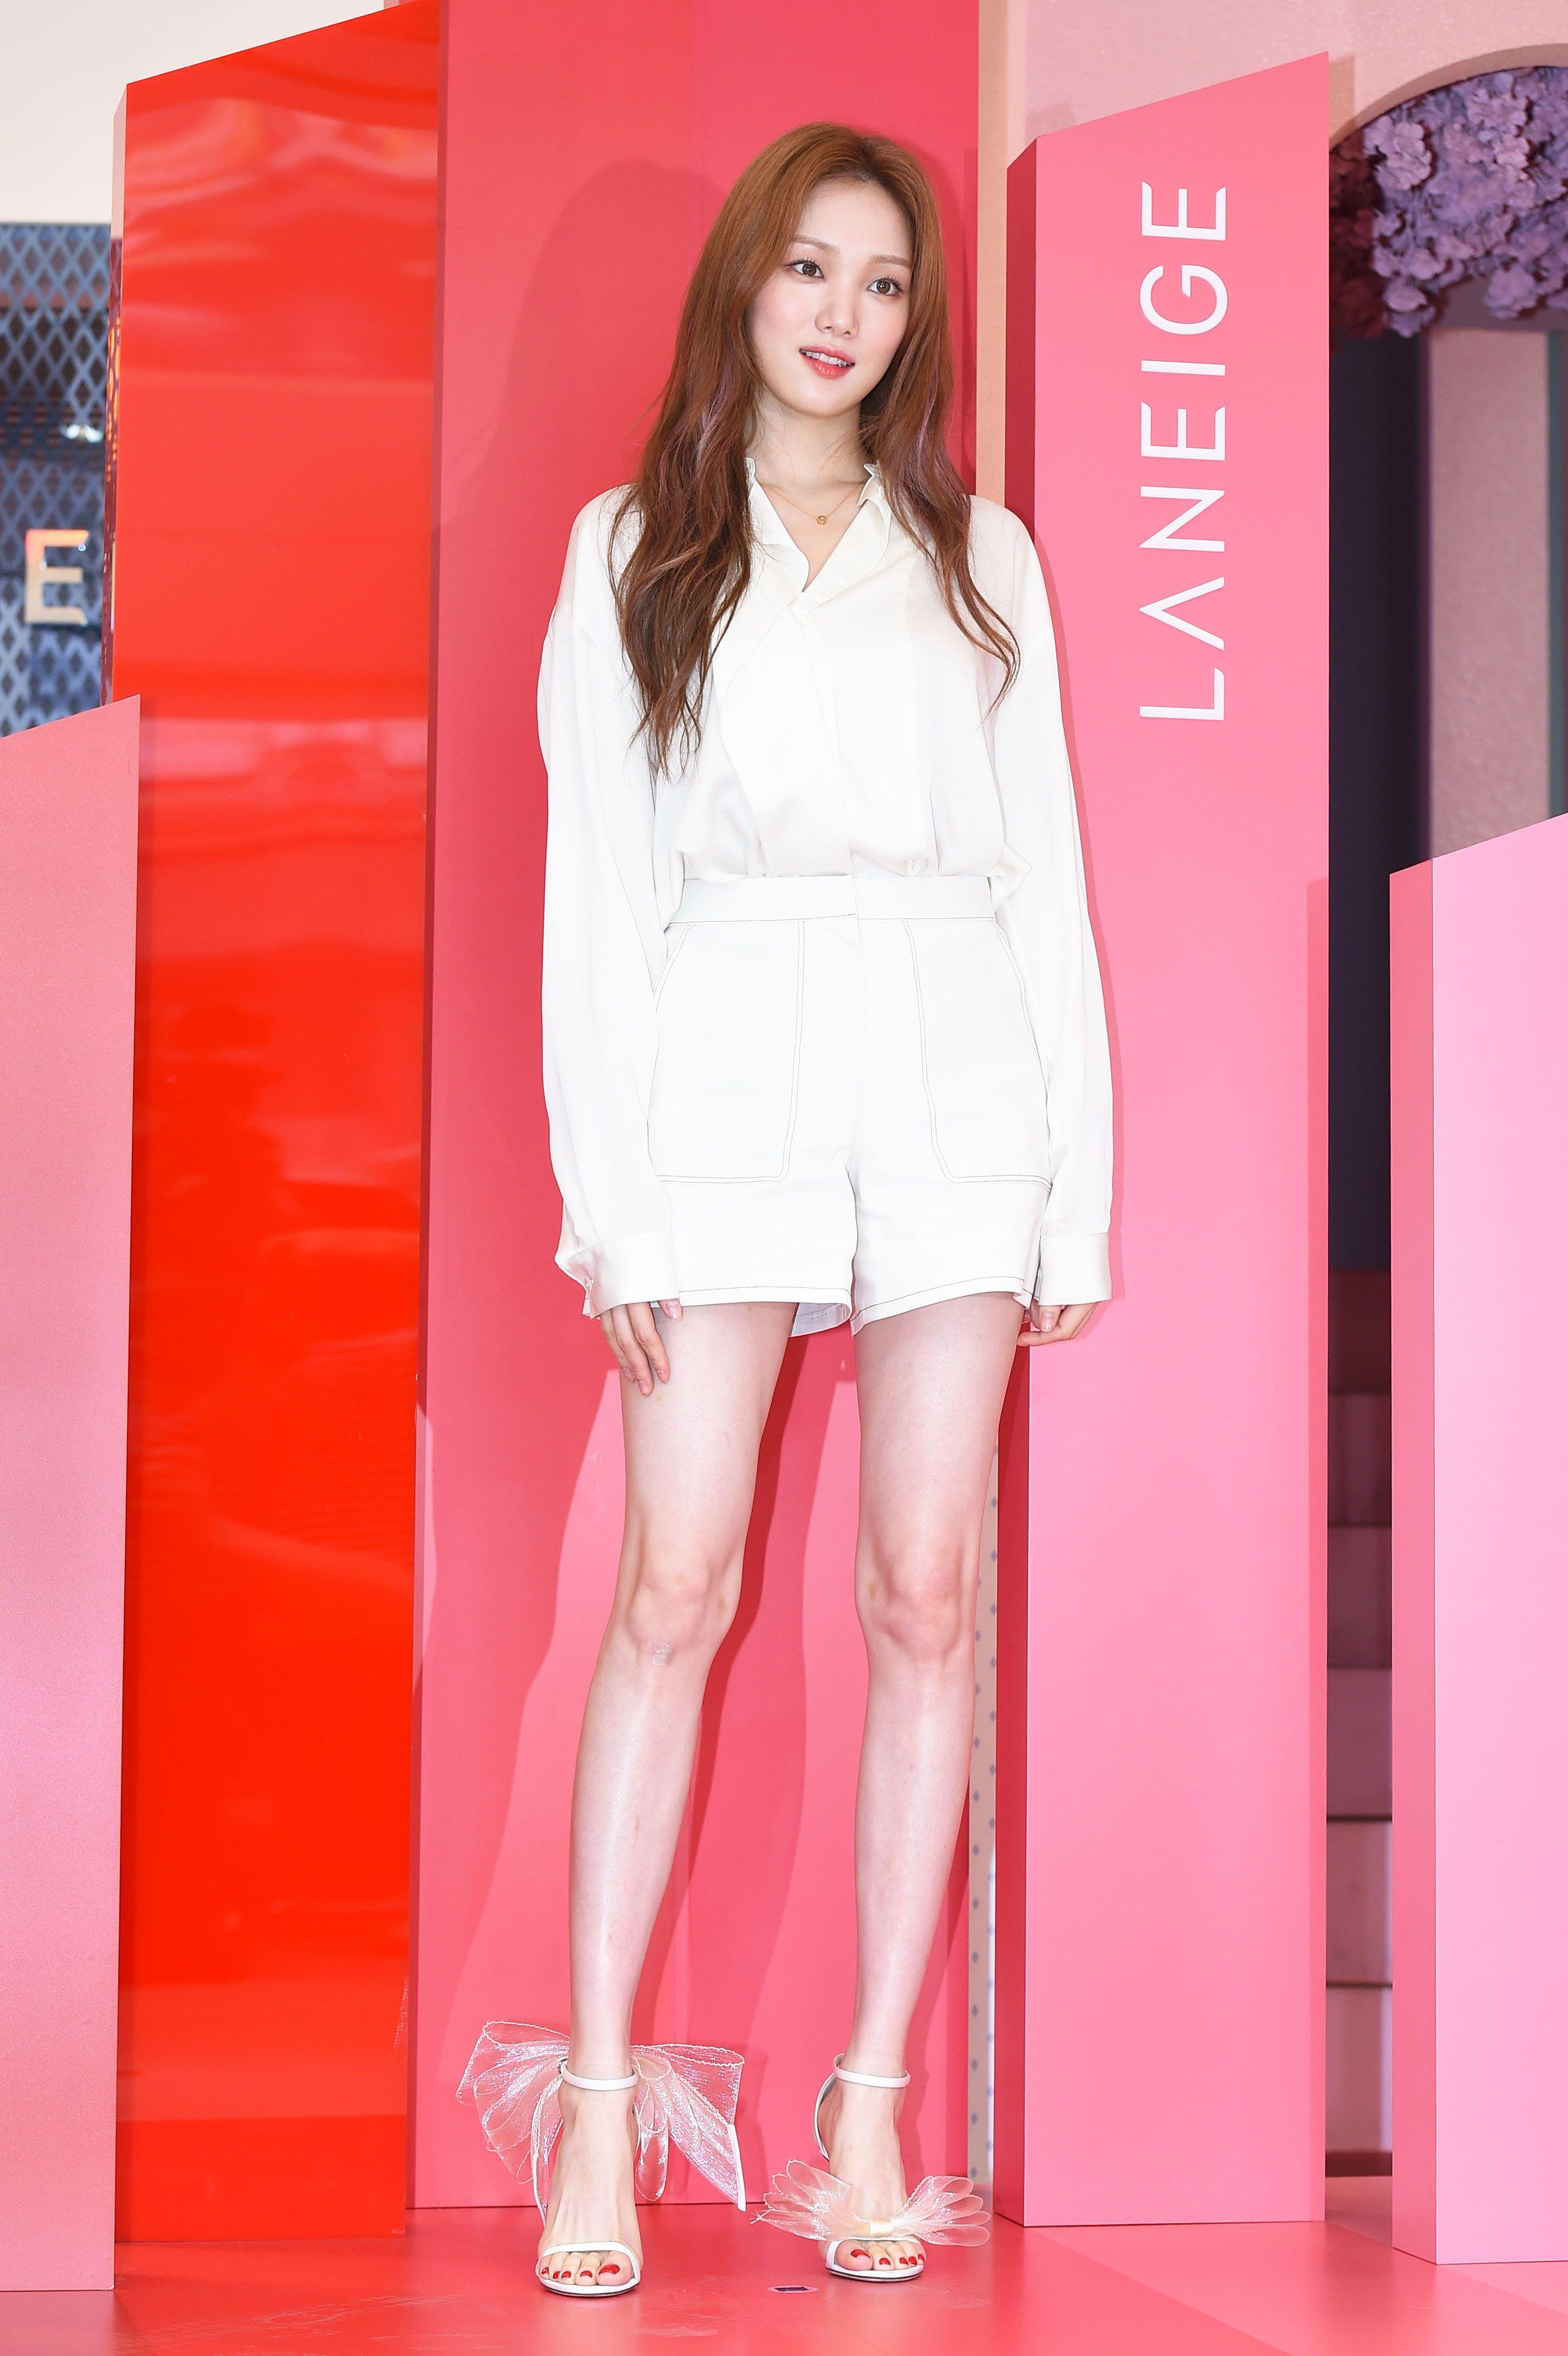 Lee Sung Kyung Feet R Kpopfeets Kpopfeets Kpop Lee Sung Kyung Fashion Kim Bok Joo Lee Sung Kyung Lee Sung Kyung